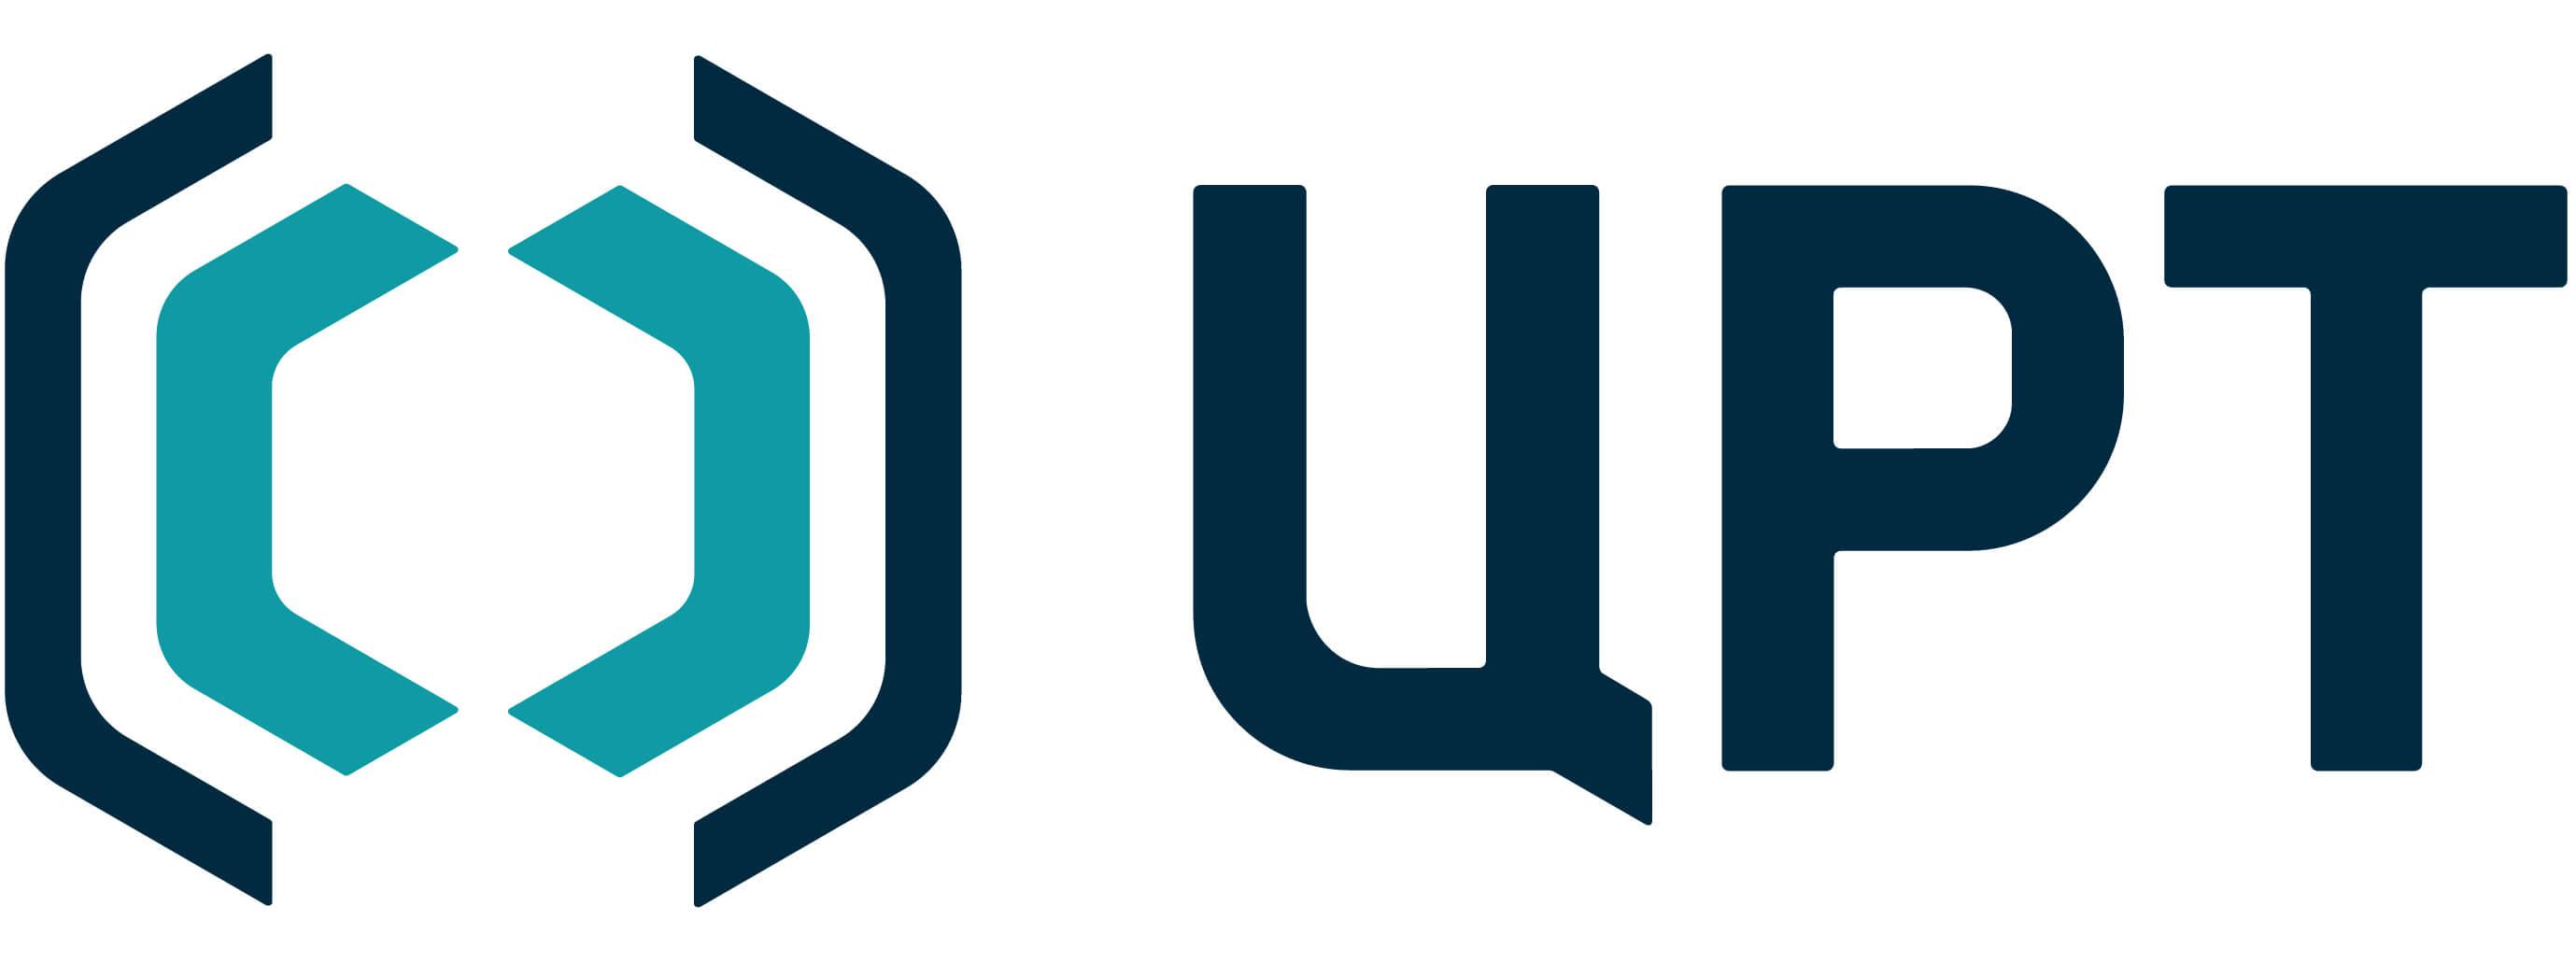 speechpro-logo